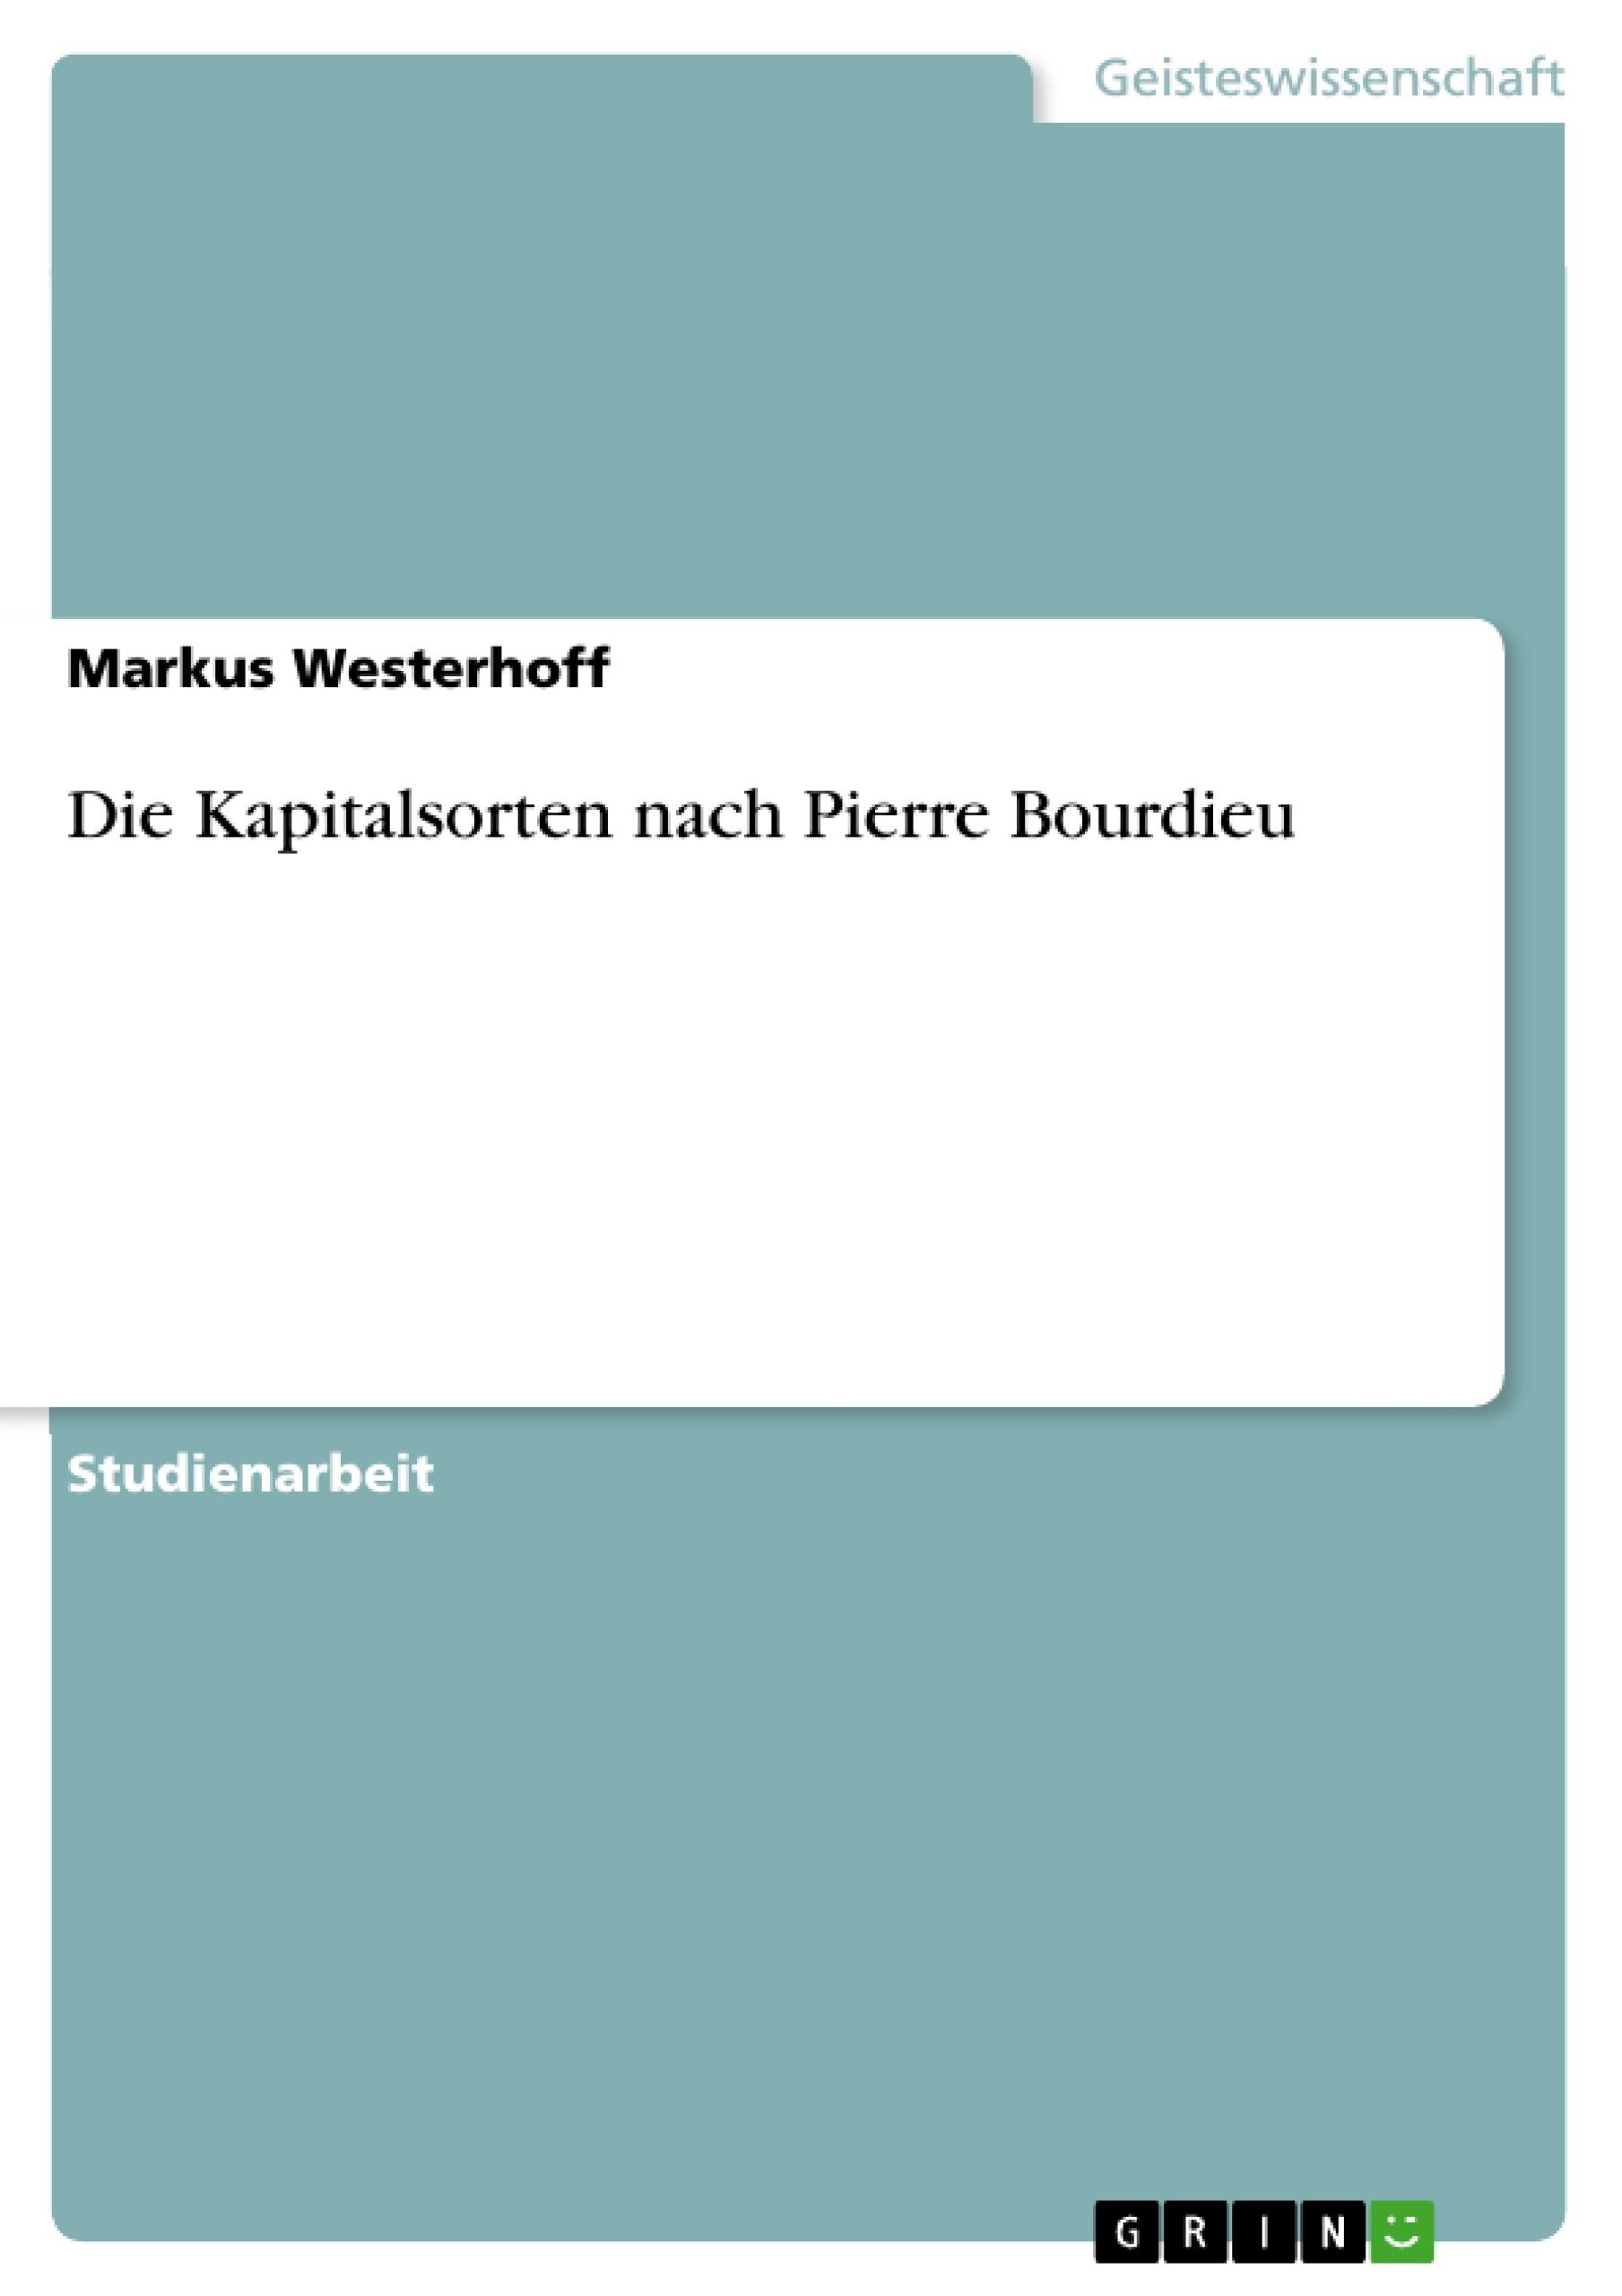 Titel: Die Kapitalsorten nach Pierre Bourdieu